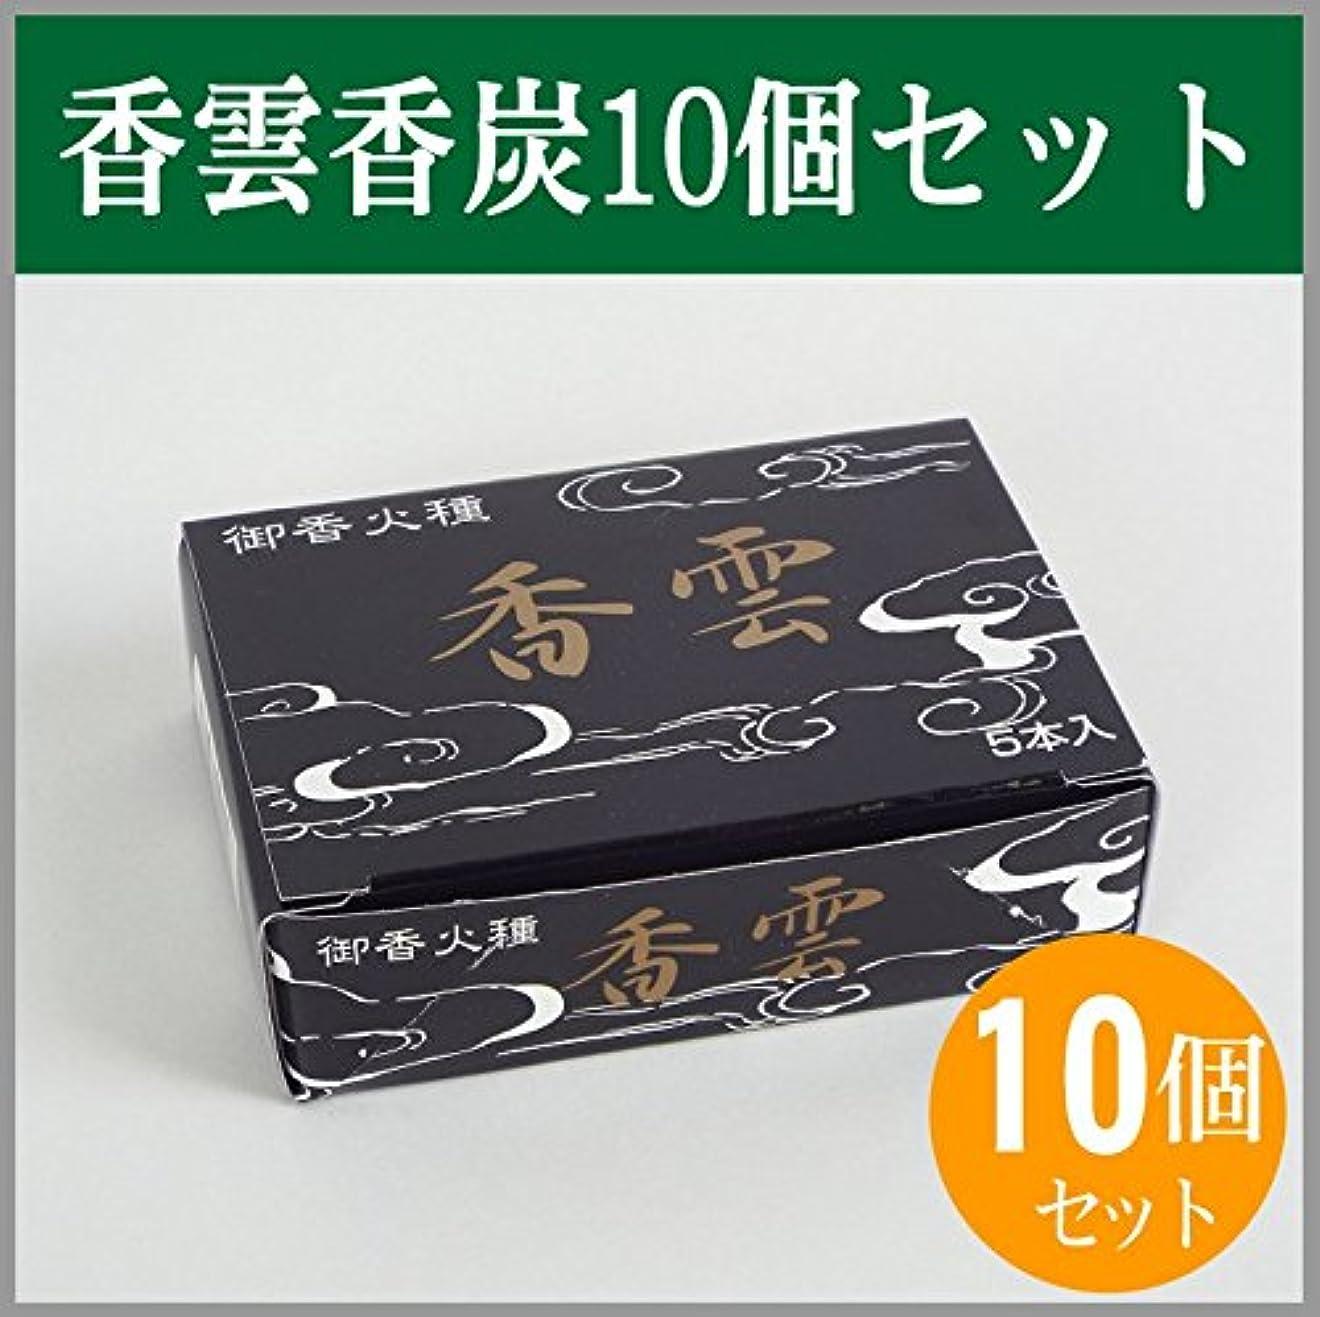 広がりシャワーキャンベラ香雲 焼香炭10個セット